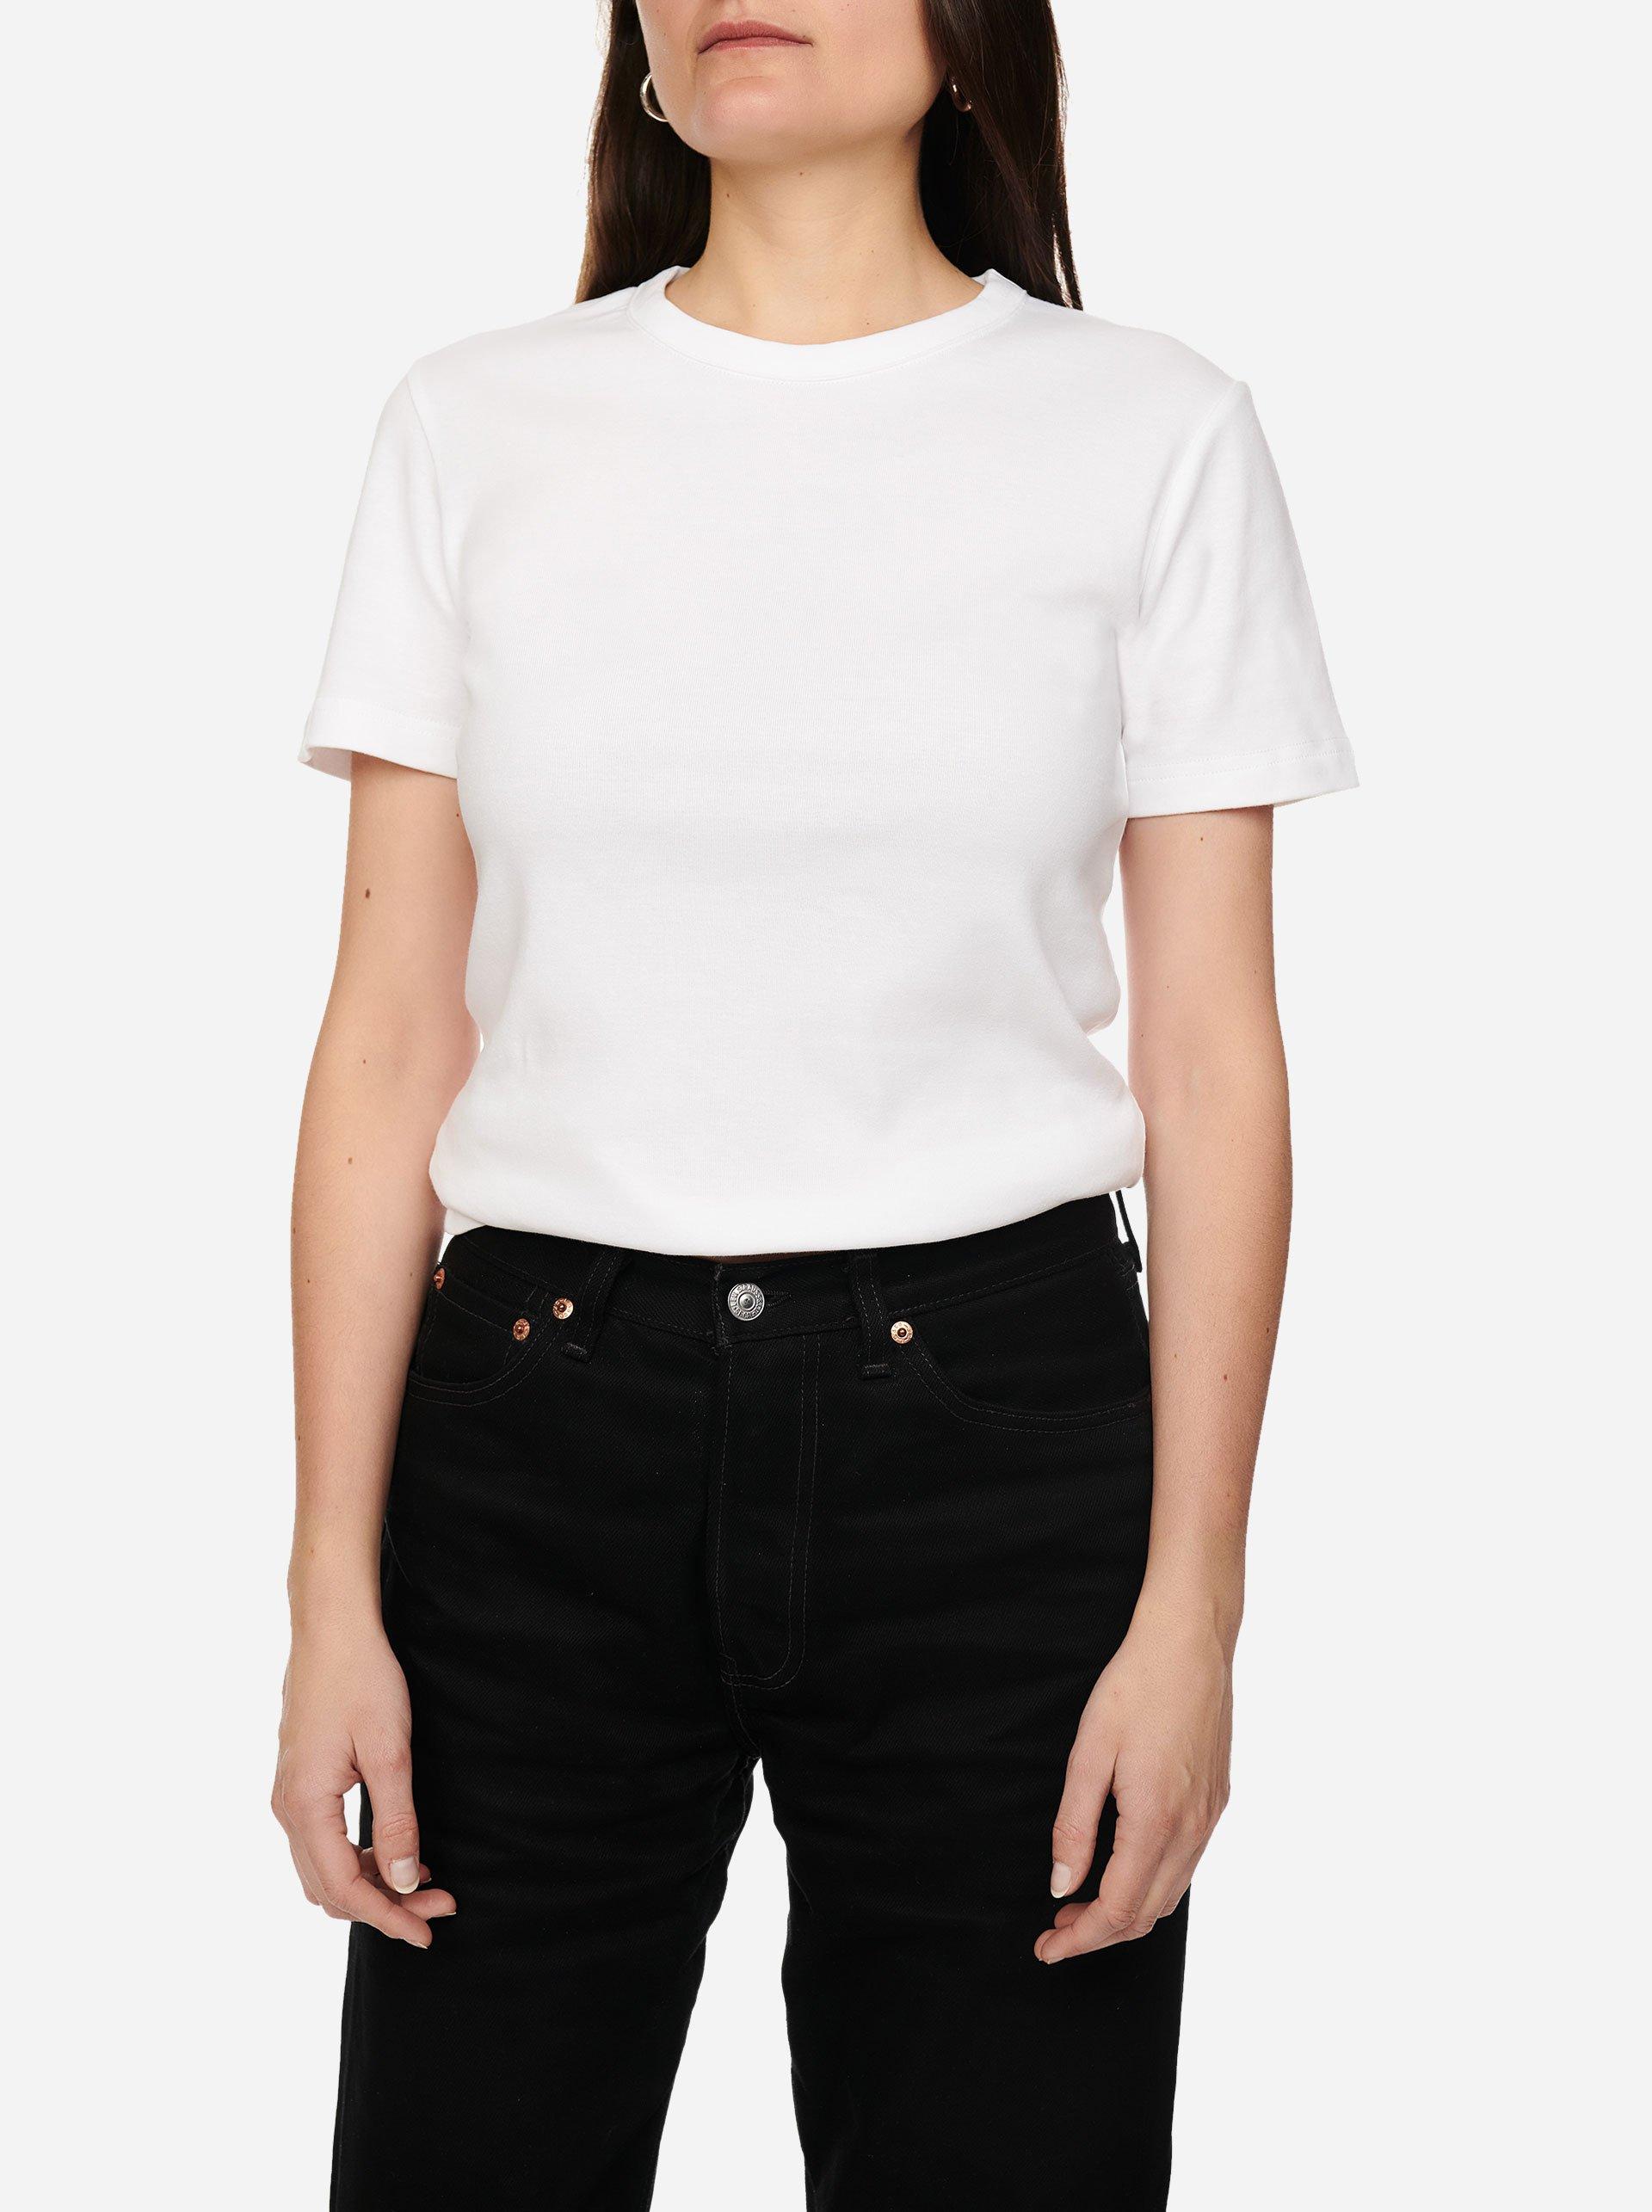 Teym_-_Size_Guide_-_T-shirt_-_Women_-_2